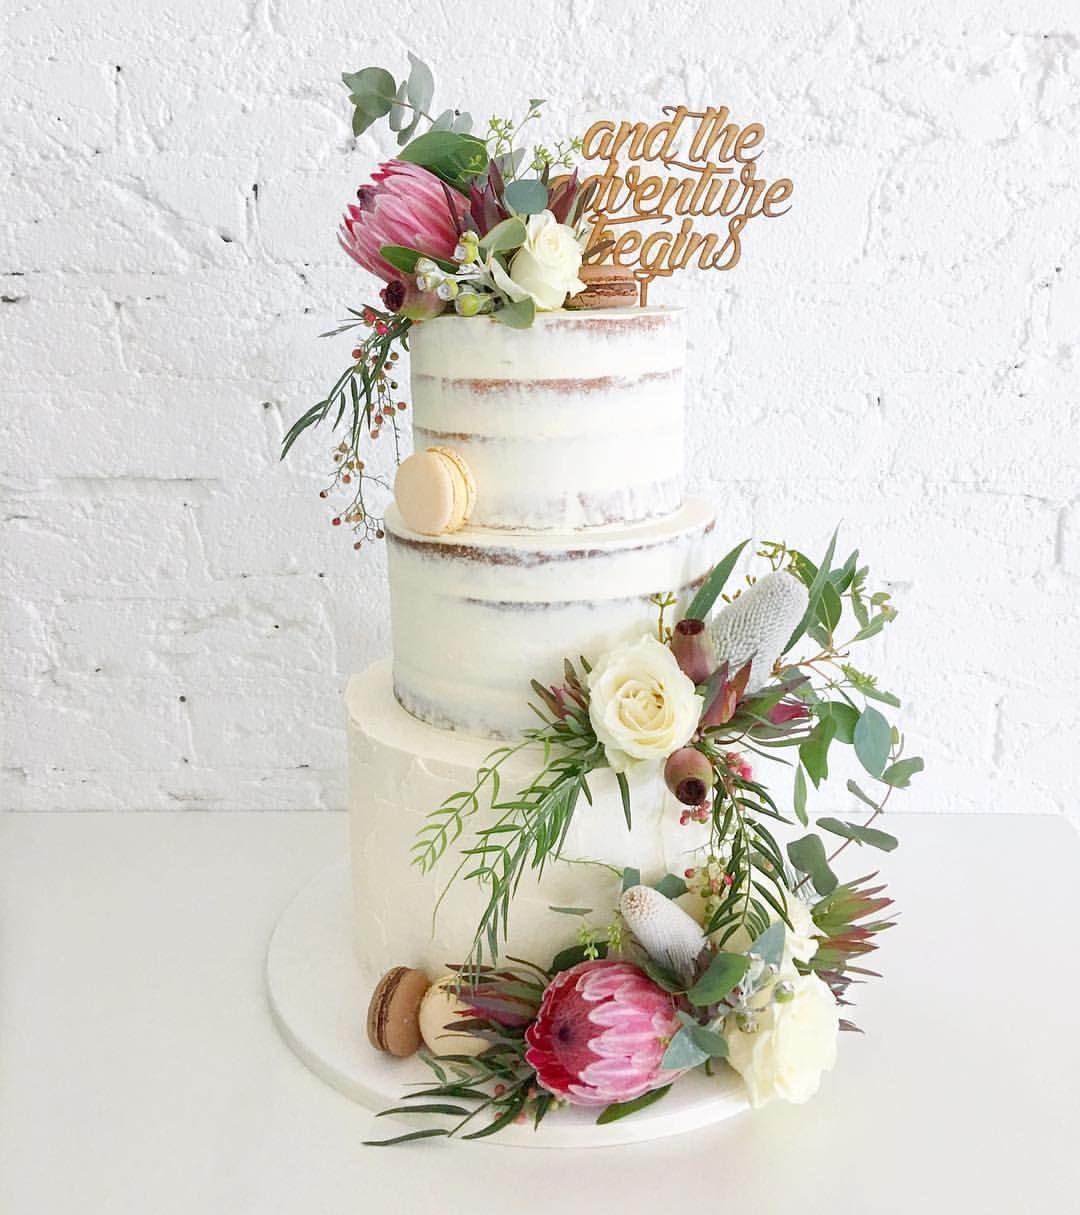 Wedding Cakes Wedding Cake Fresh: Pin By Susan Van On Wedding Cakes In 2019